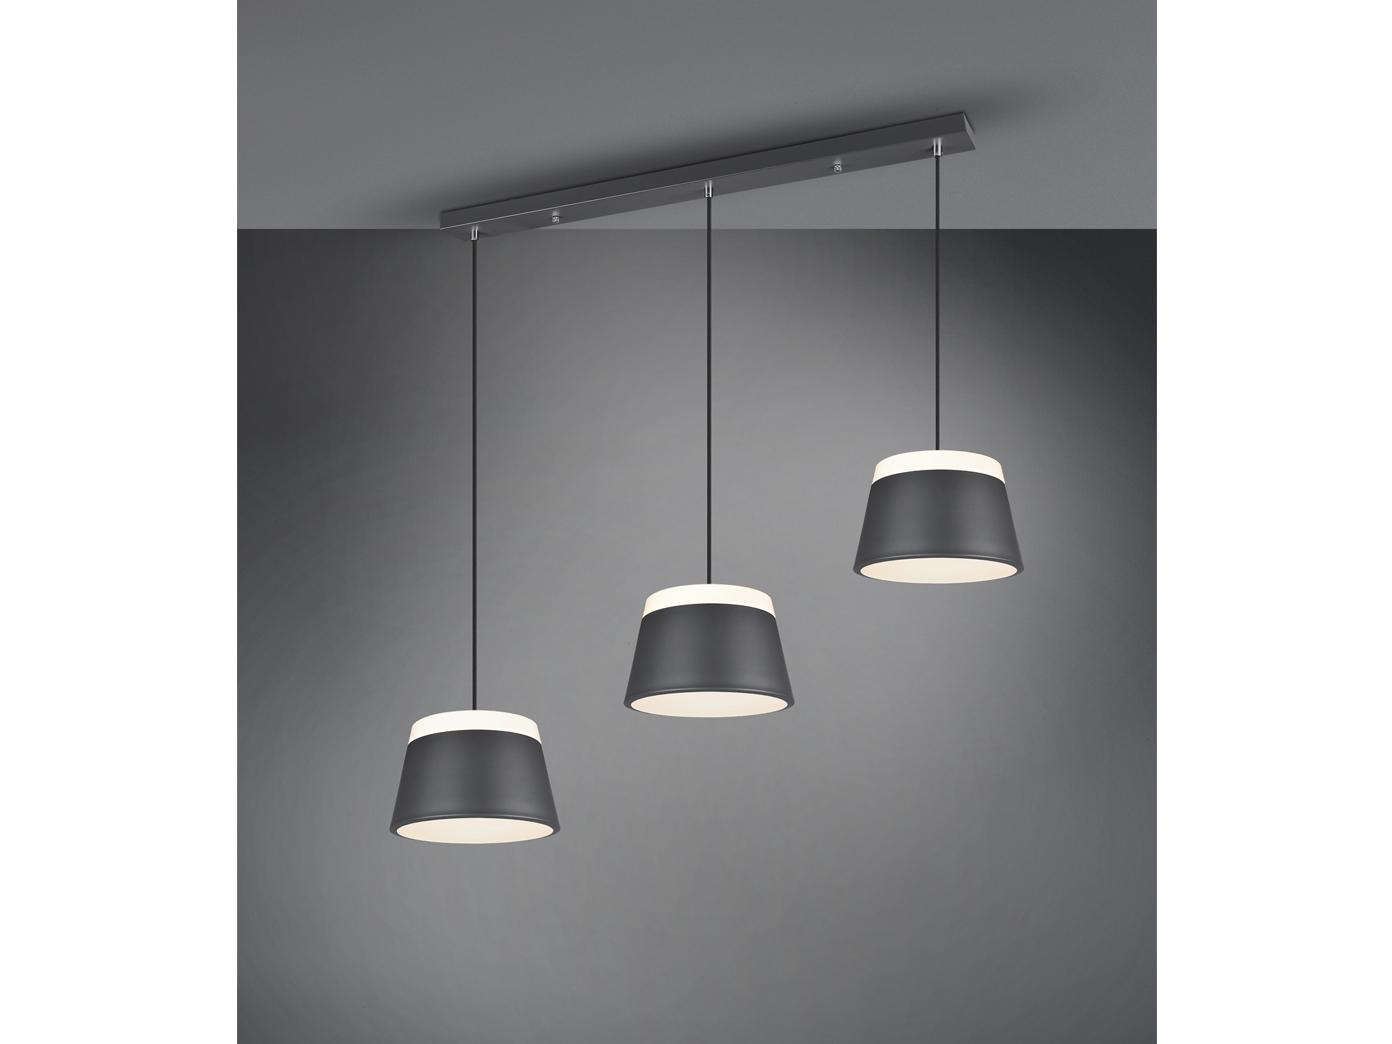 Full Size of 5e4f1ef6534a9 Wohnzimmer Deckenlampen Lampe Badezimmer Decke Modern Lampen Betten überlänge Küche Esstisch Stehlampe Hängelampe Deckenlampe Schlafzimmer Wohnzimmer Lampe über Kochinsel